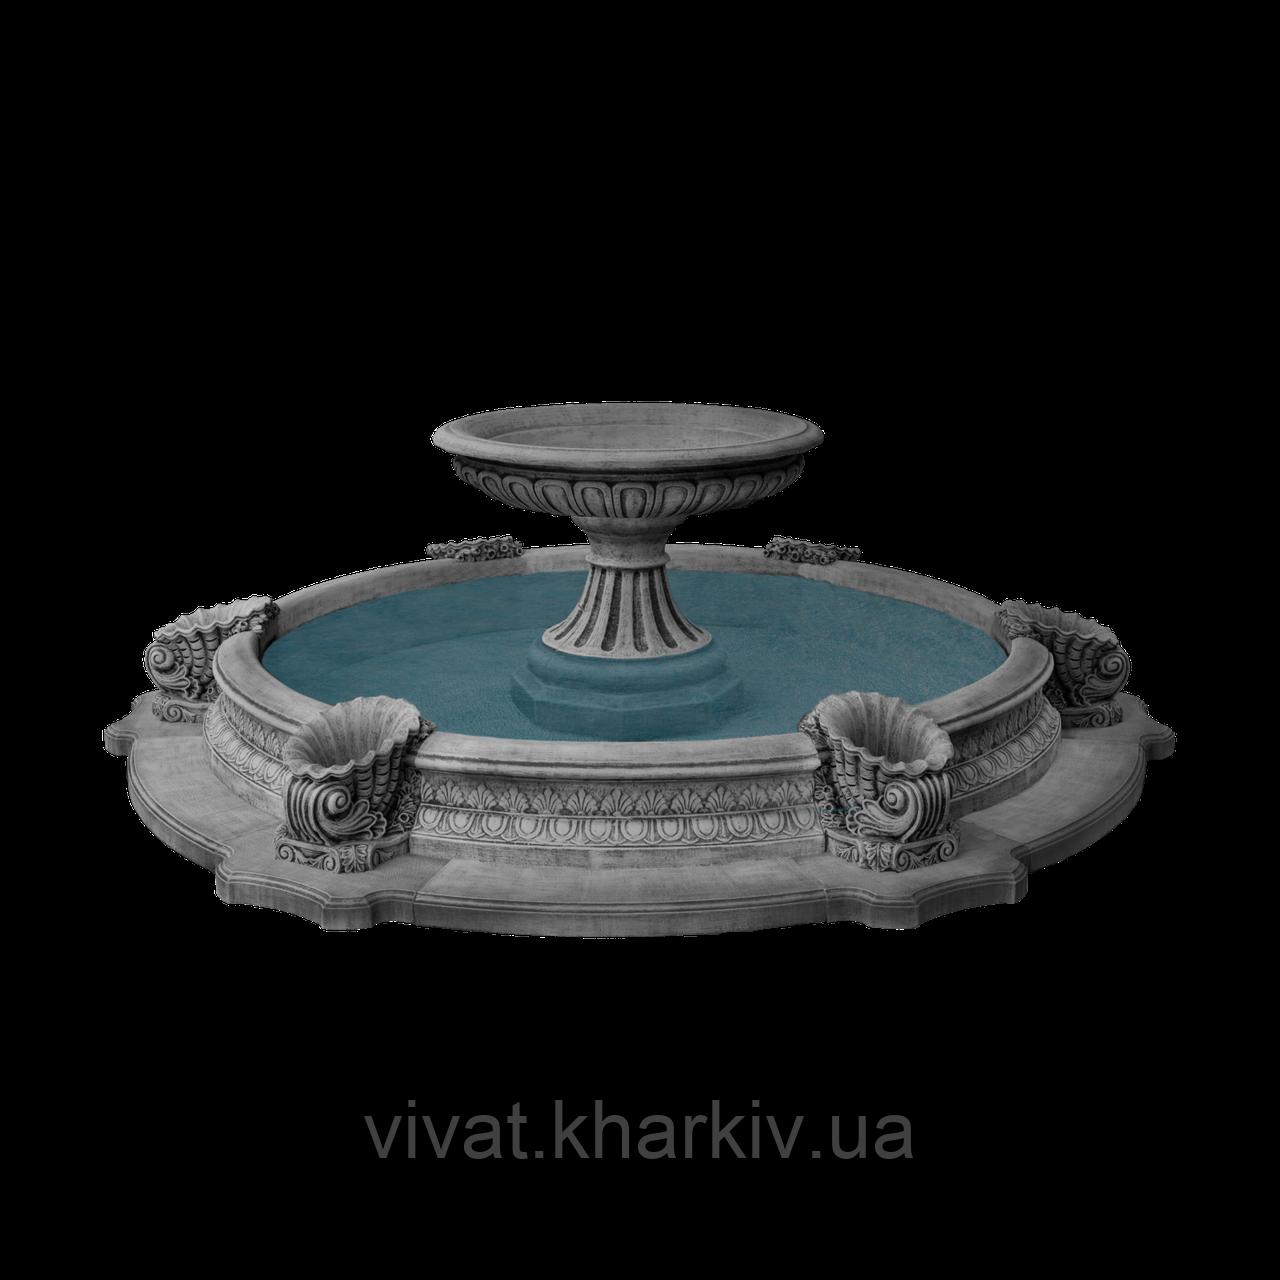 """Садовый фонтан """"Чаша"""" в большом бассейне"""